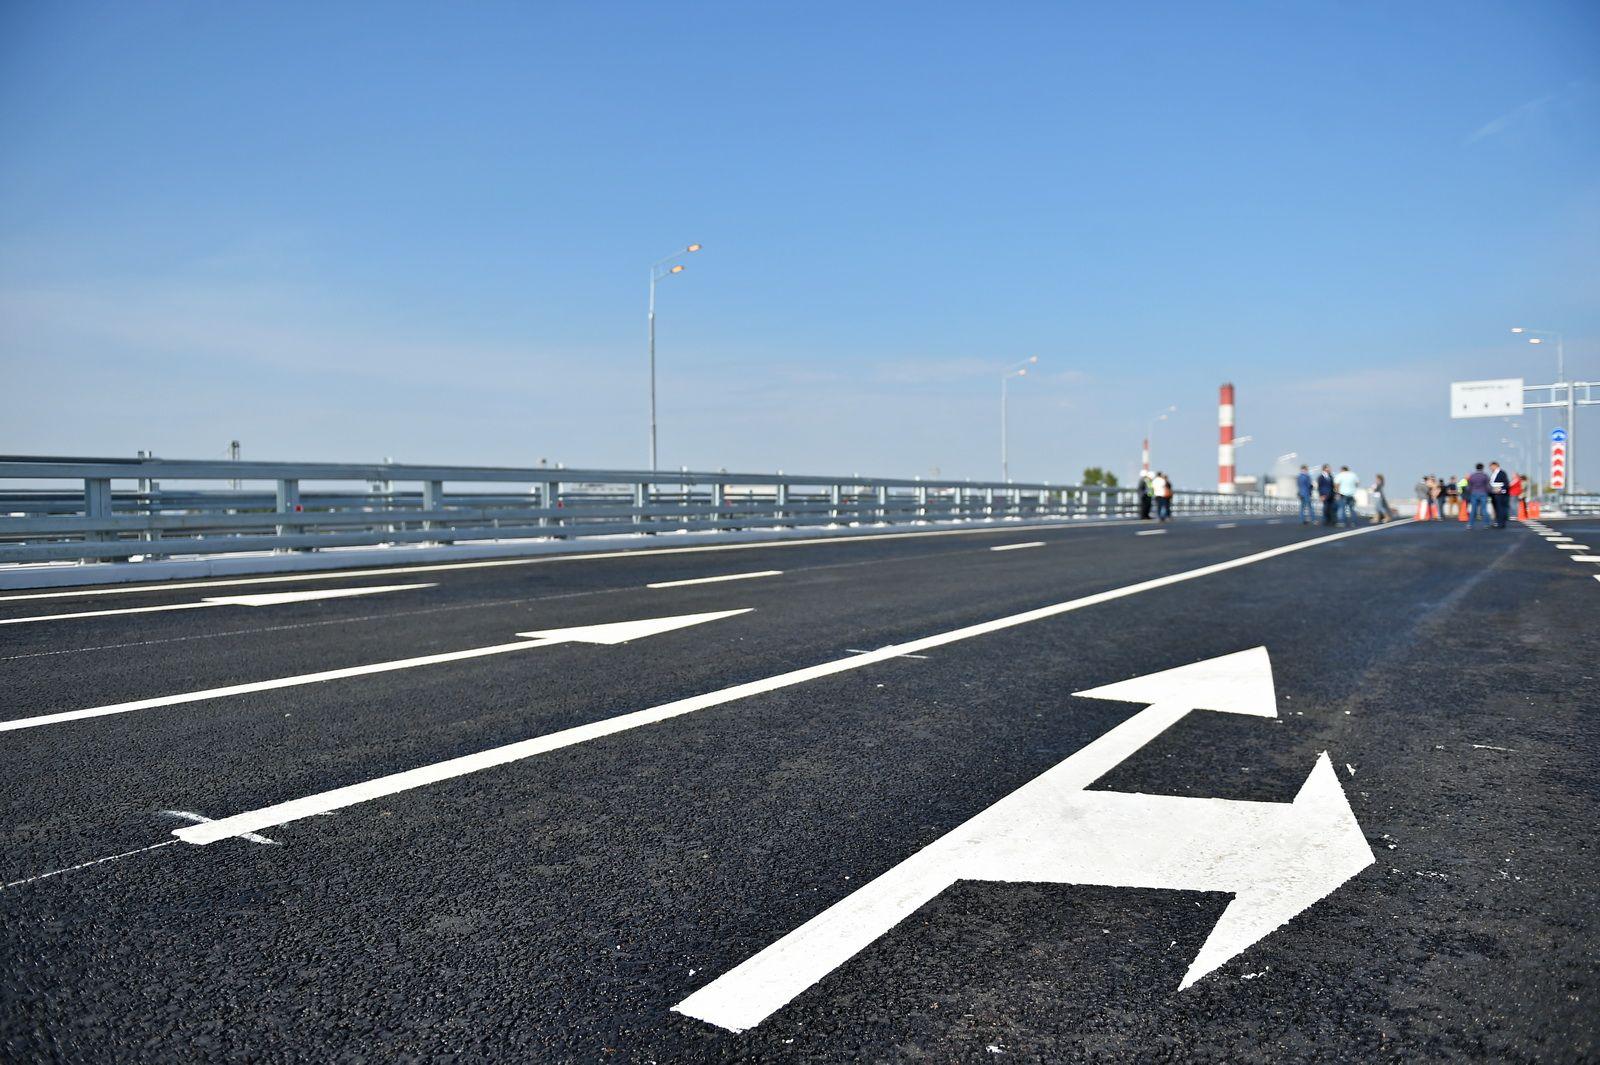 Москва введет почти 20 транспортных объектов до 2021 года